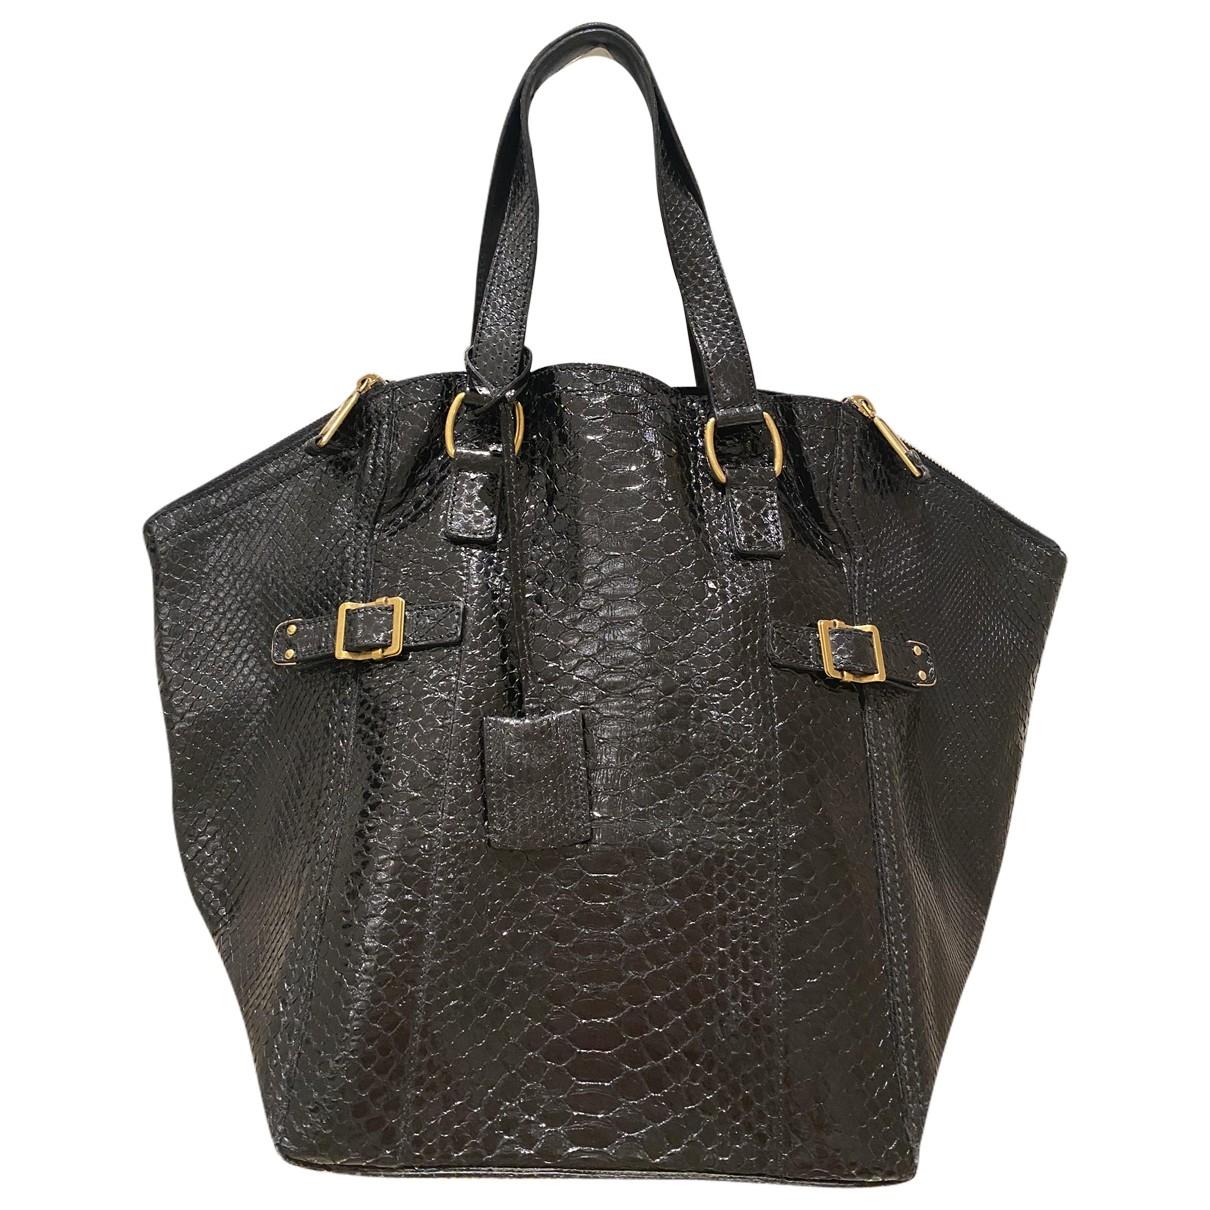 Yves Saint Laurent \N Handtasche in  Schwarz Python